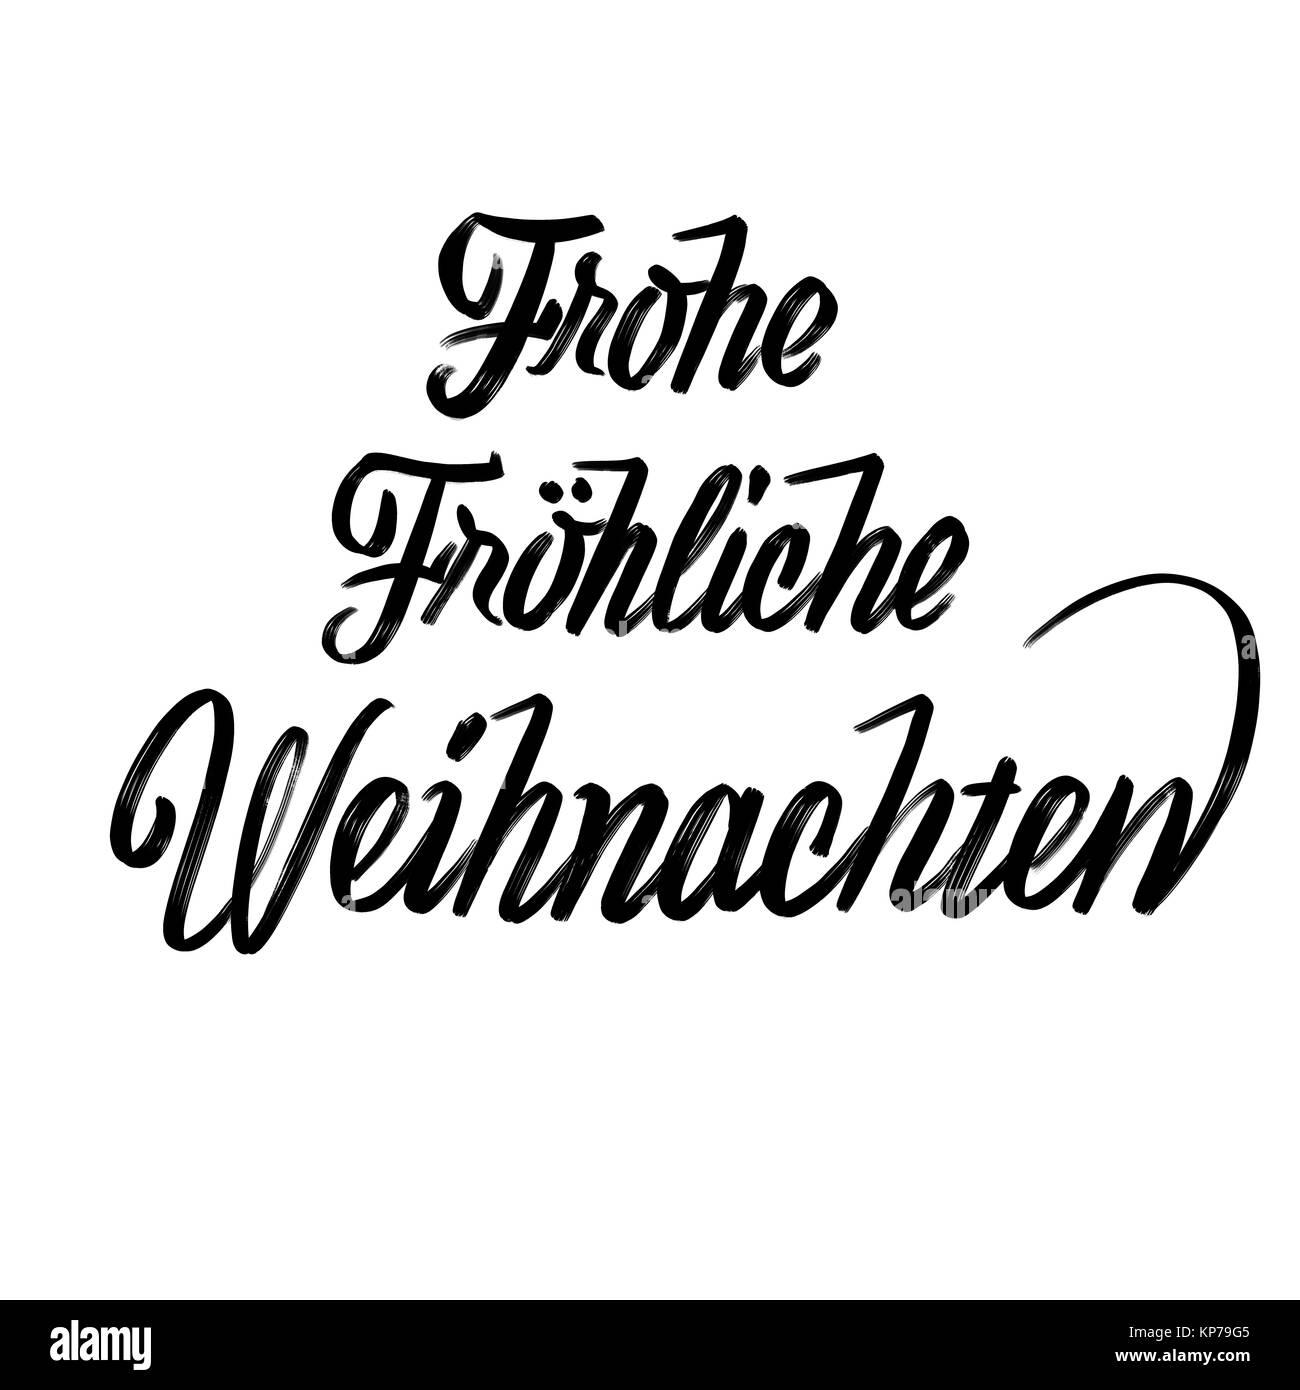 Frohe Weihnachten Schrift.Frohliche Frohe Weihnachten Schrift In Deutscher Sprache